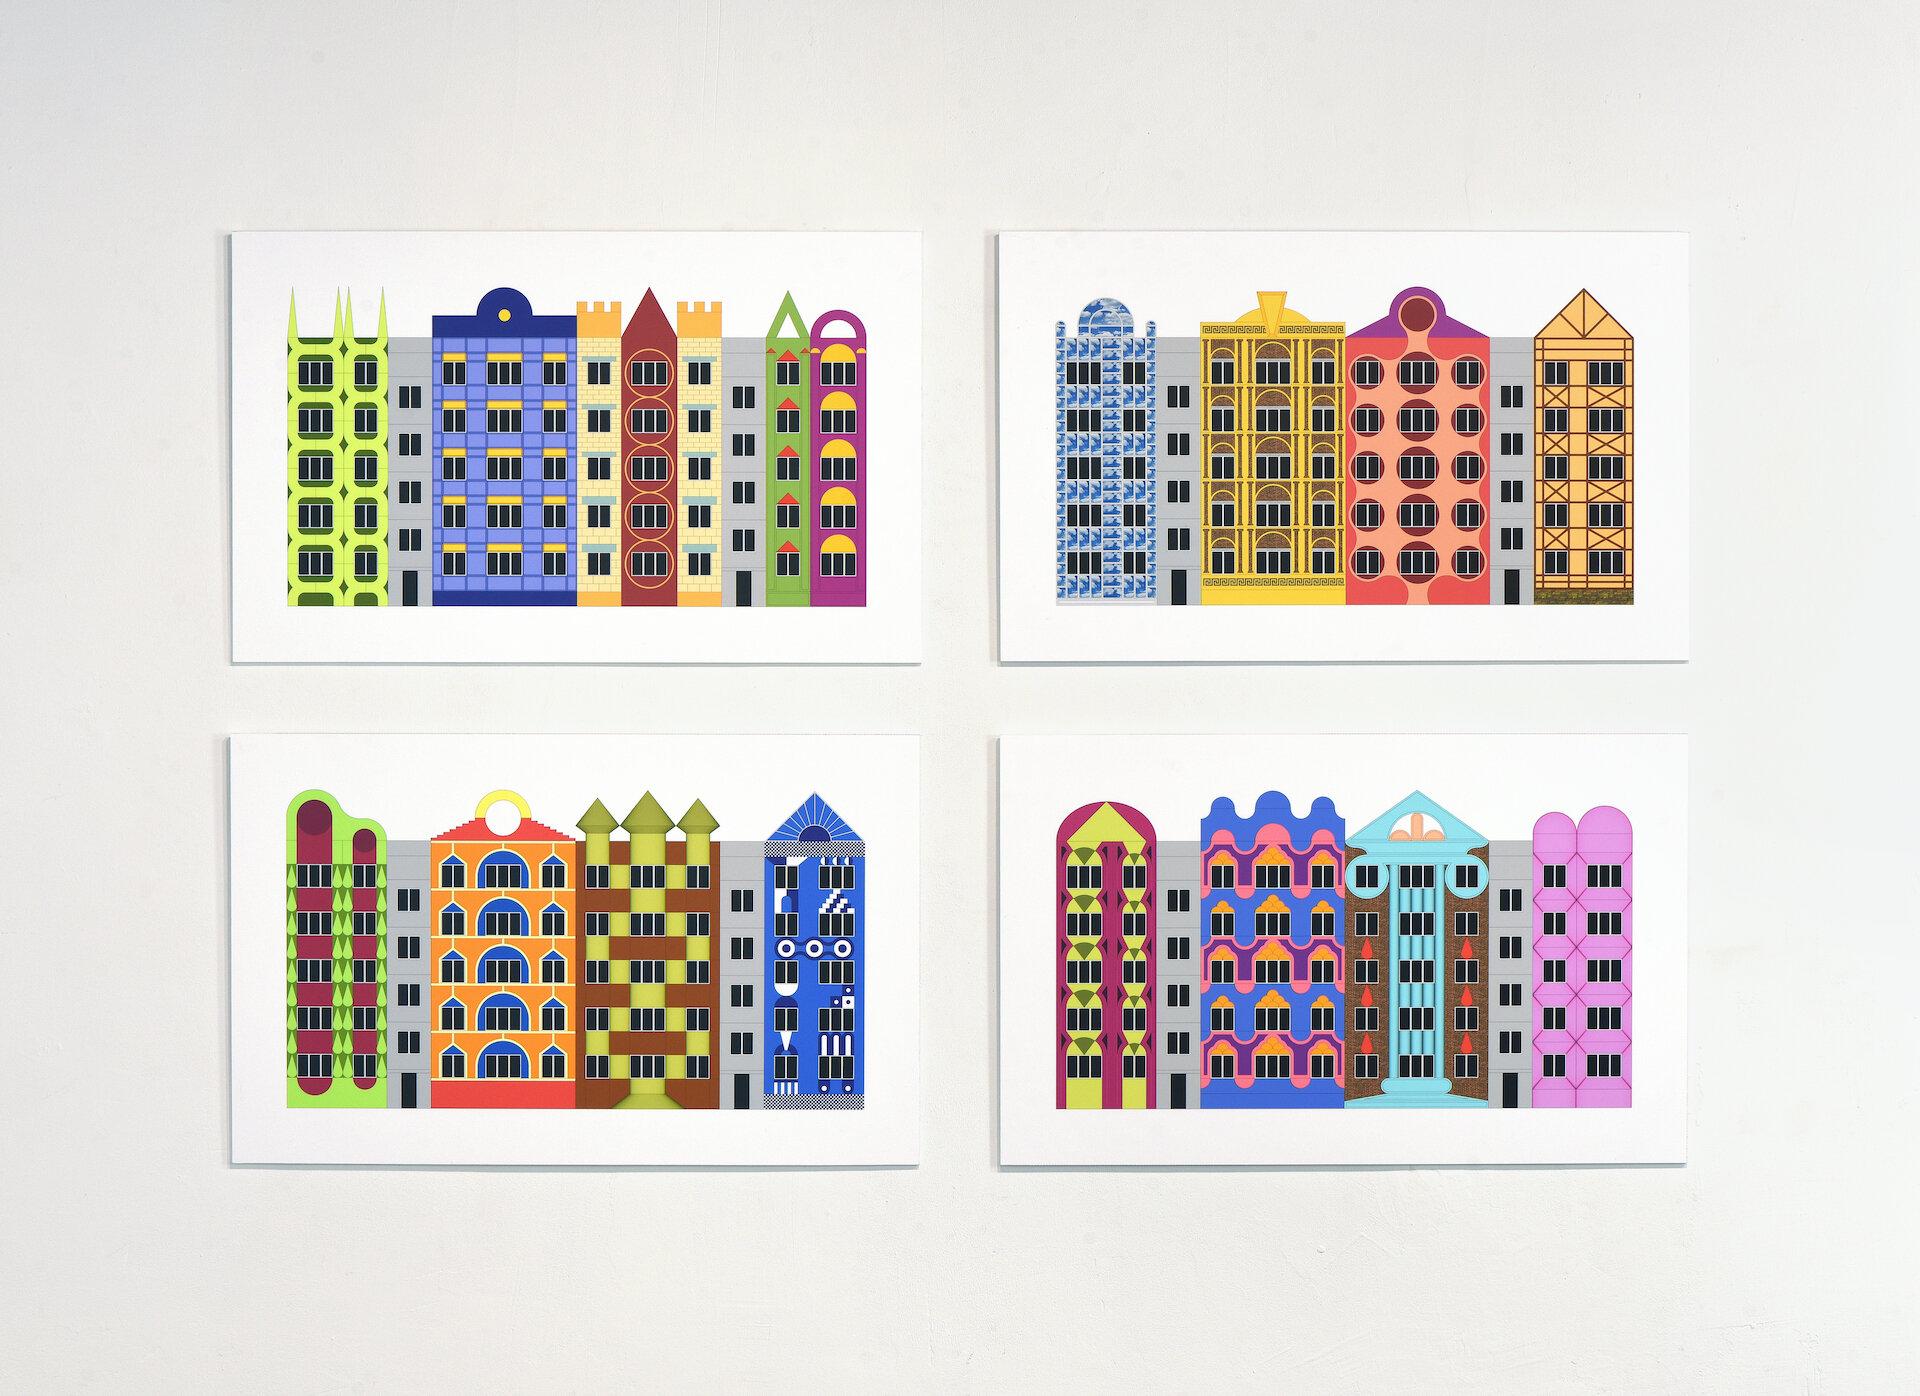 Вернакулярна і безіменна архітектура: виставка групи МНПЛ